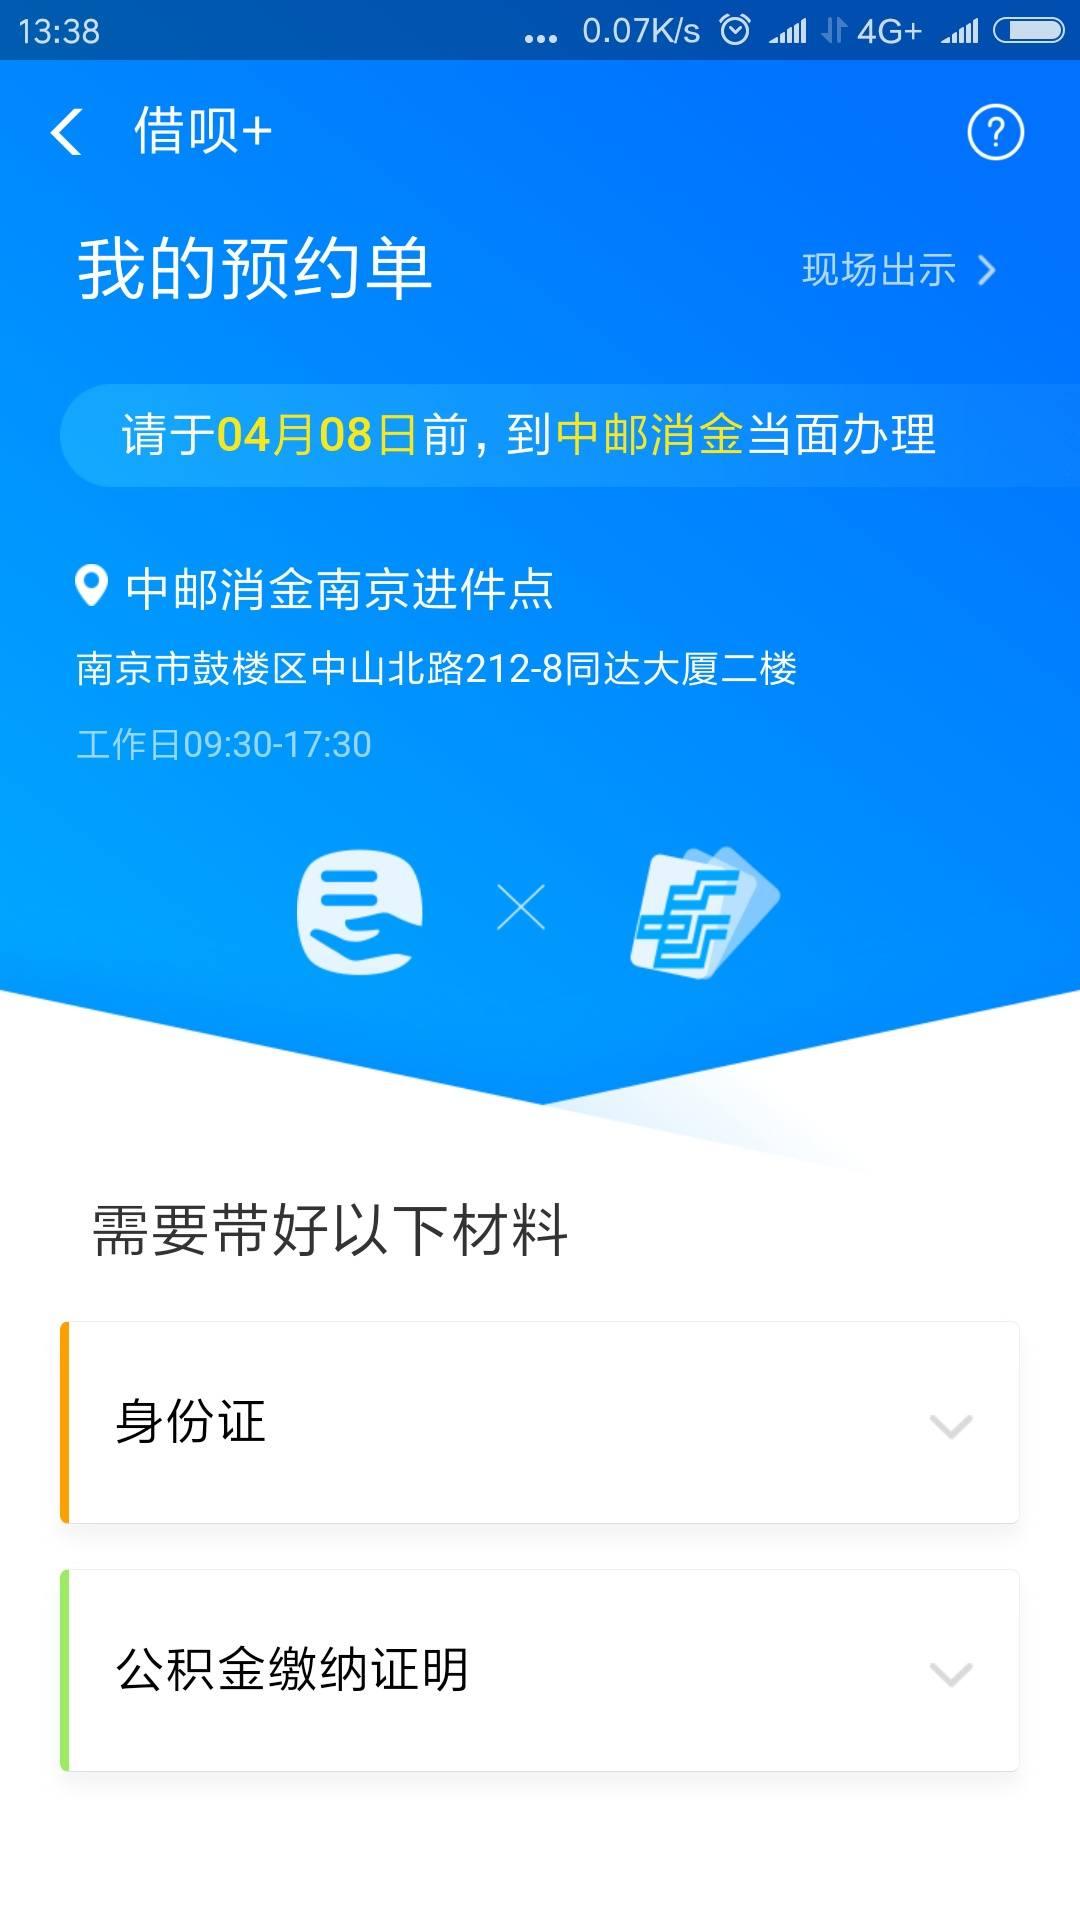 借呗旗下新口子,借呗+,5万起批,了解完在申请~9 / 作者:飞泉鸣月 /